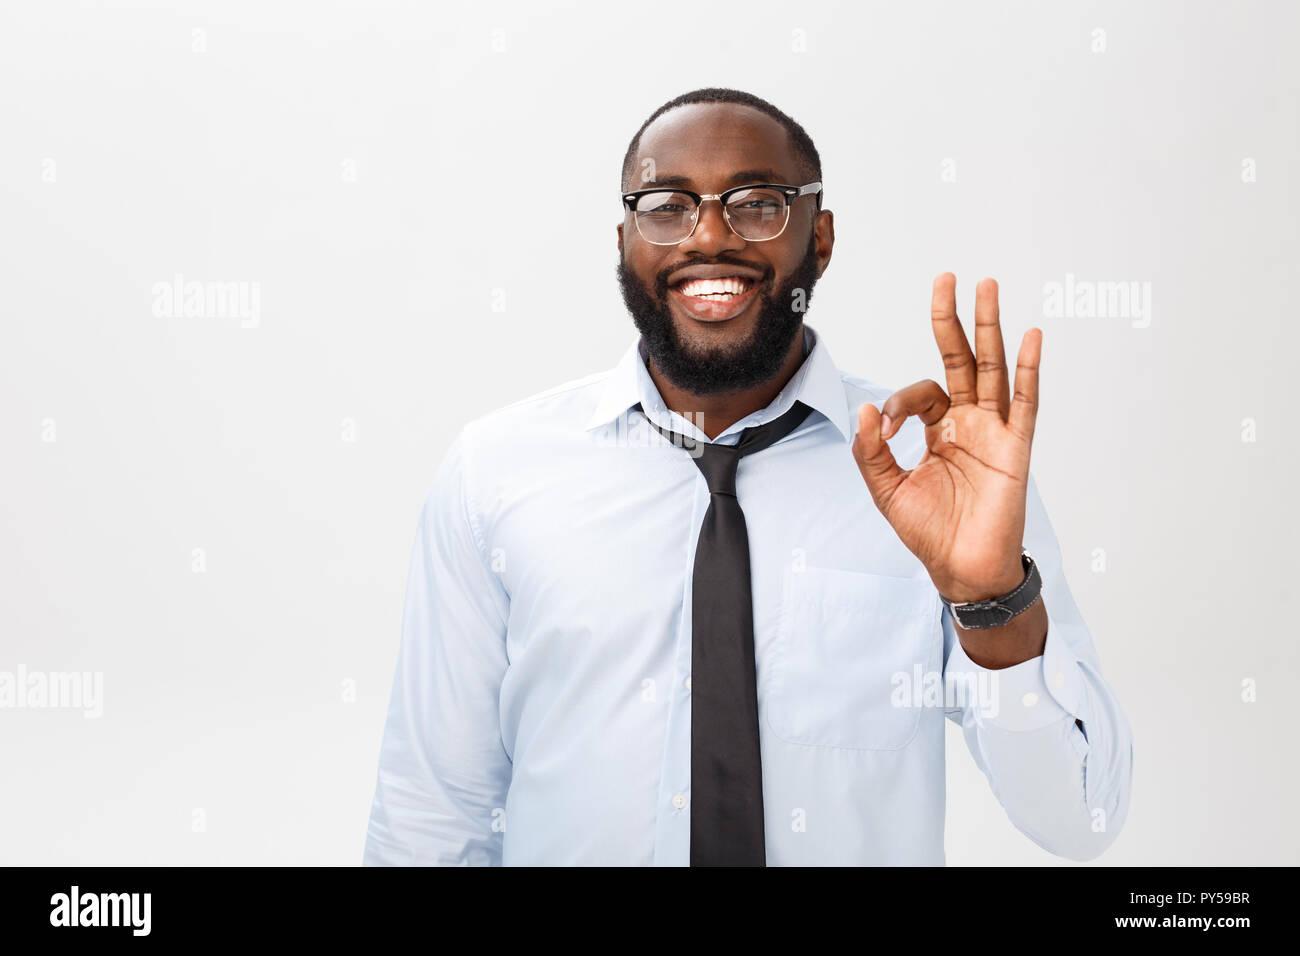 Portrait von African American Business Mann lächelnd und mit okay unterzeichnen. Körpersprache Konzept Stockfoto